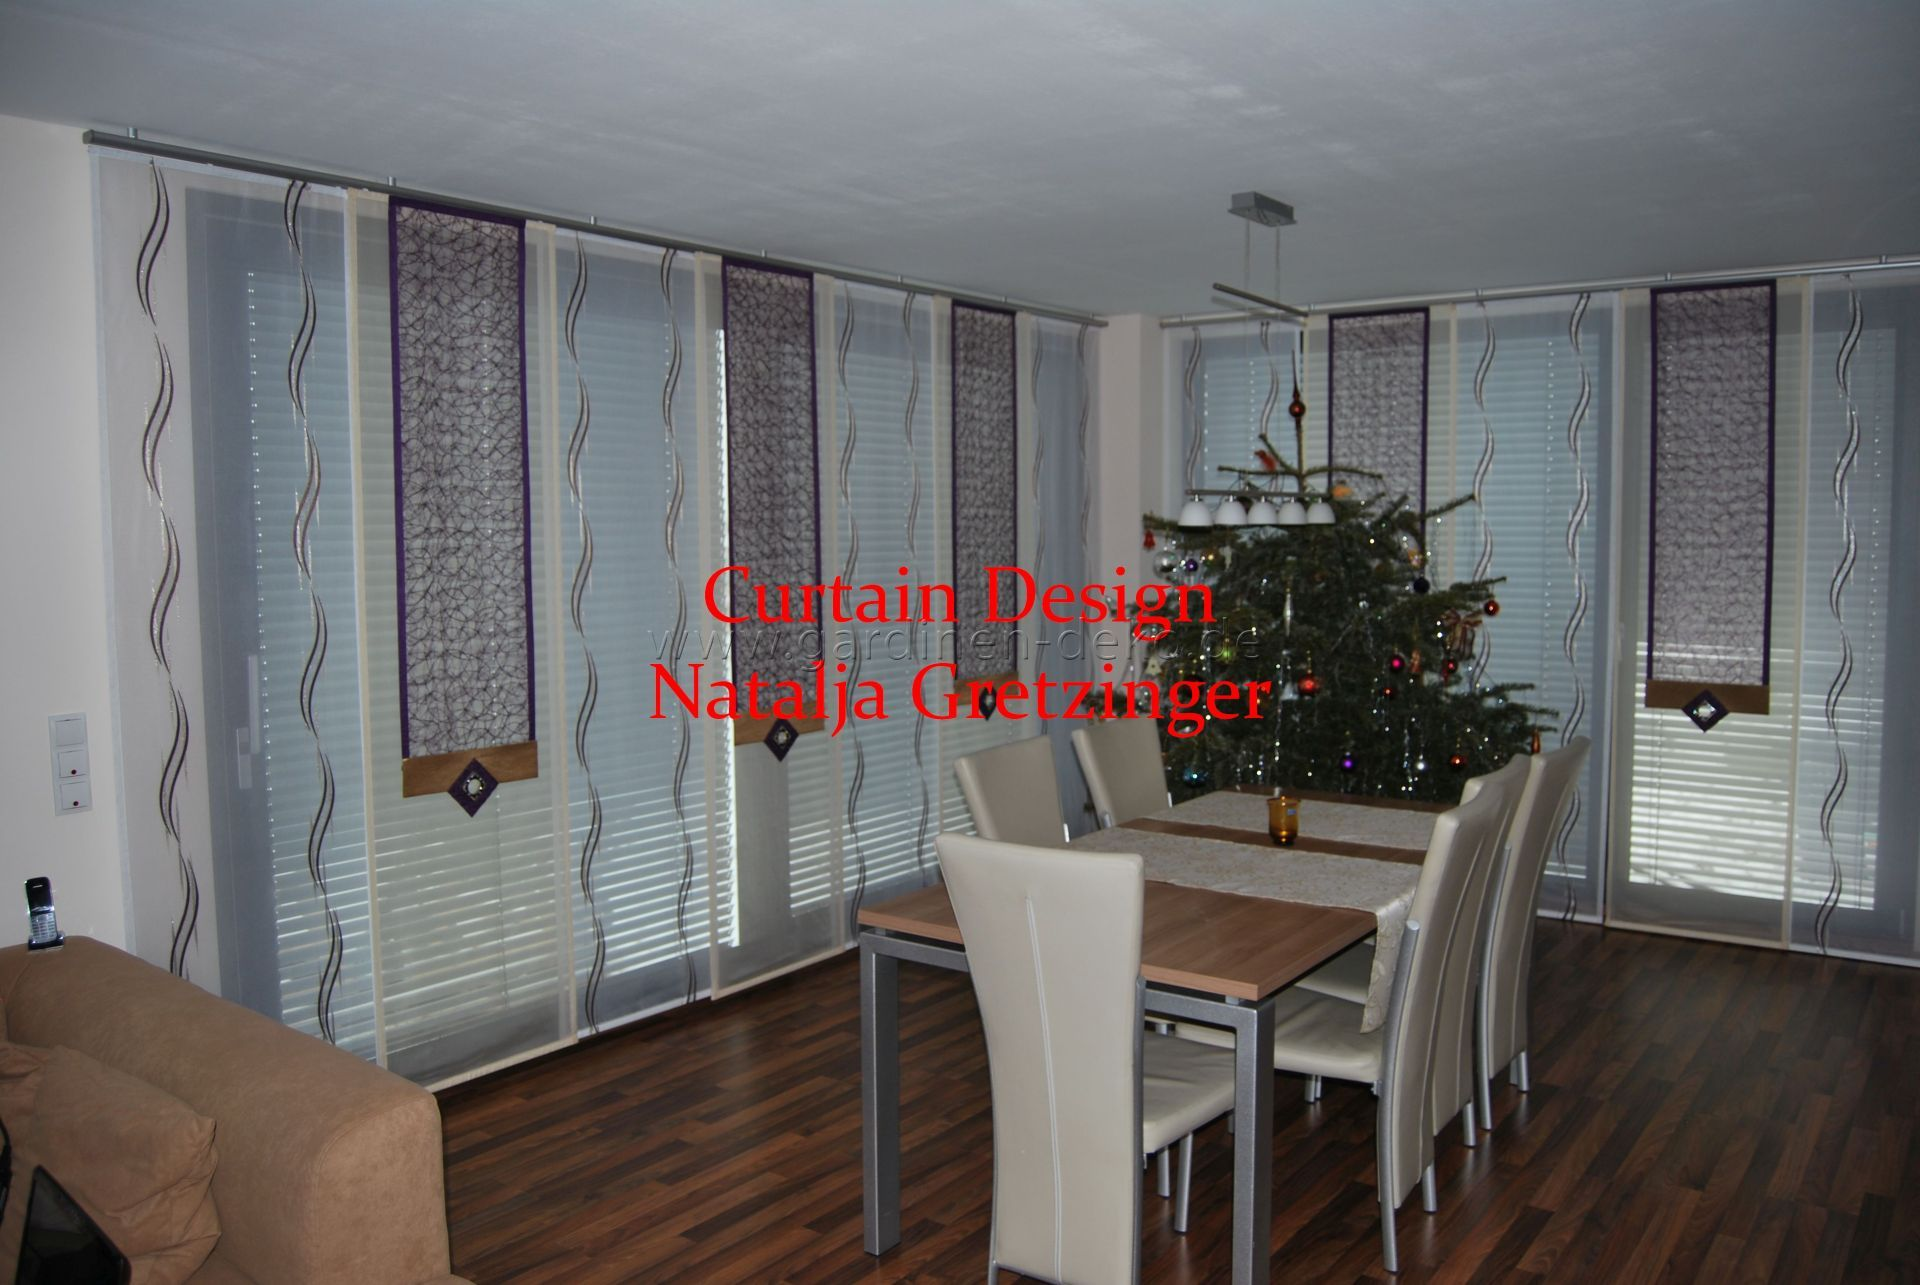 Eck-Gardine fürs Wohnzimmer mit formschönen Dekonetzen - http ...